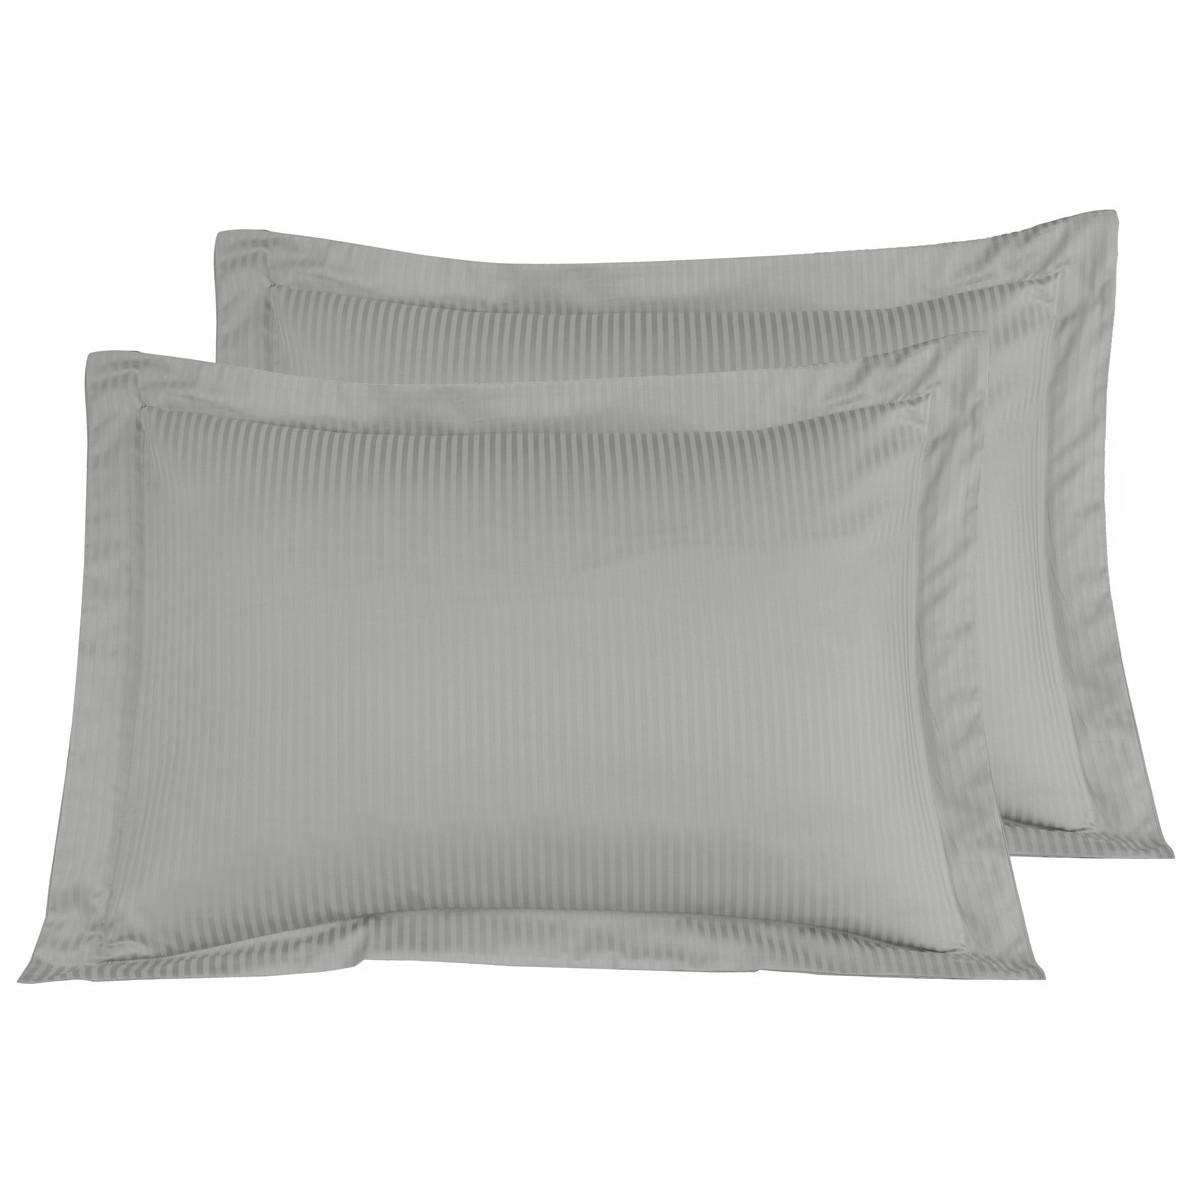 2 taies d'oreiller rayées satin coton Gris Acier 50x70 cm